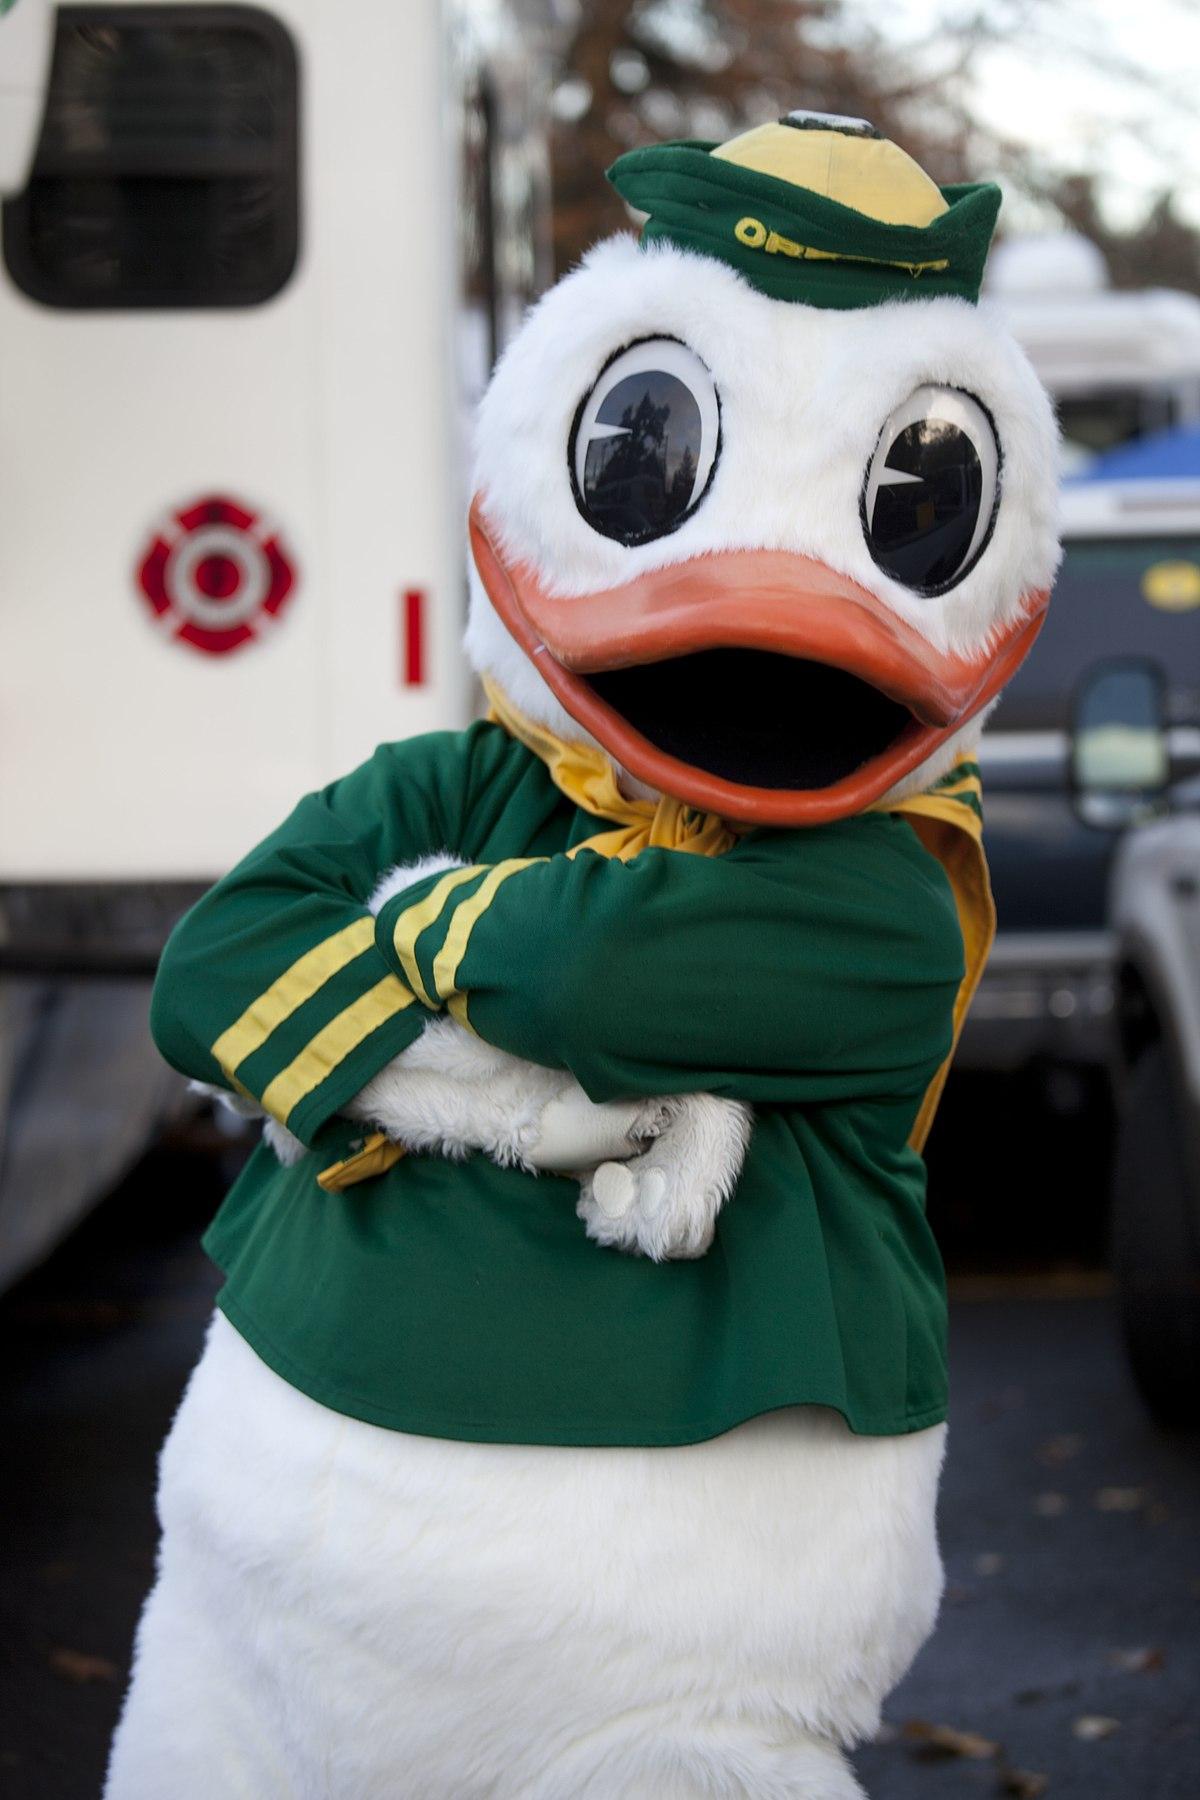 The Oregon Duck - Wikipedia